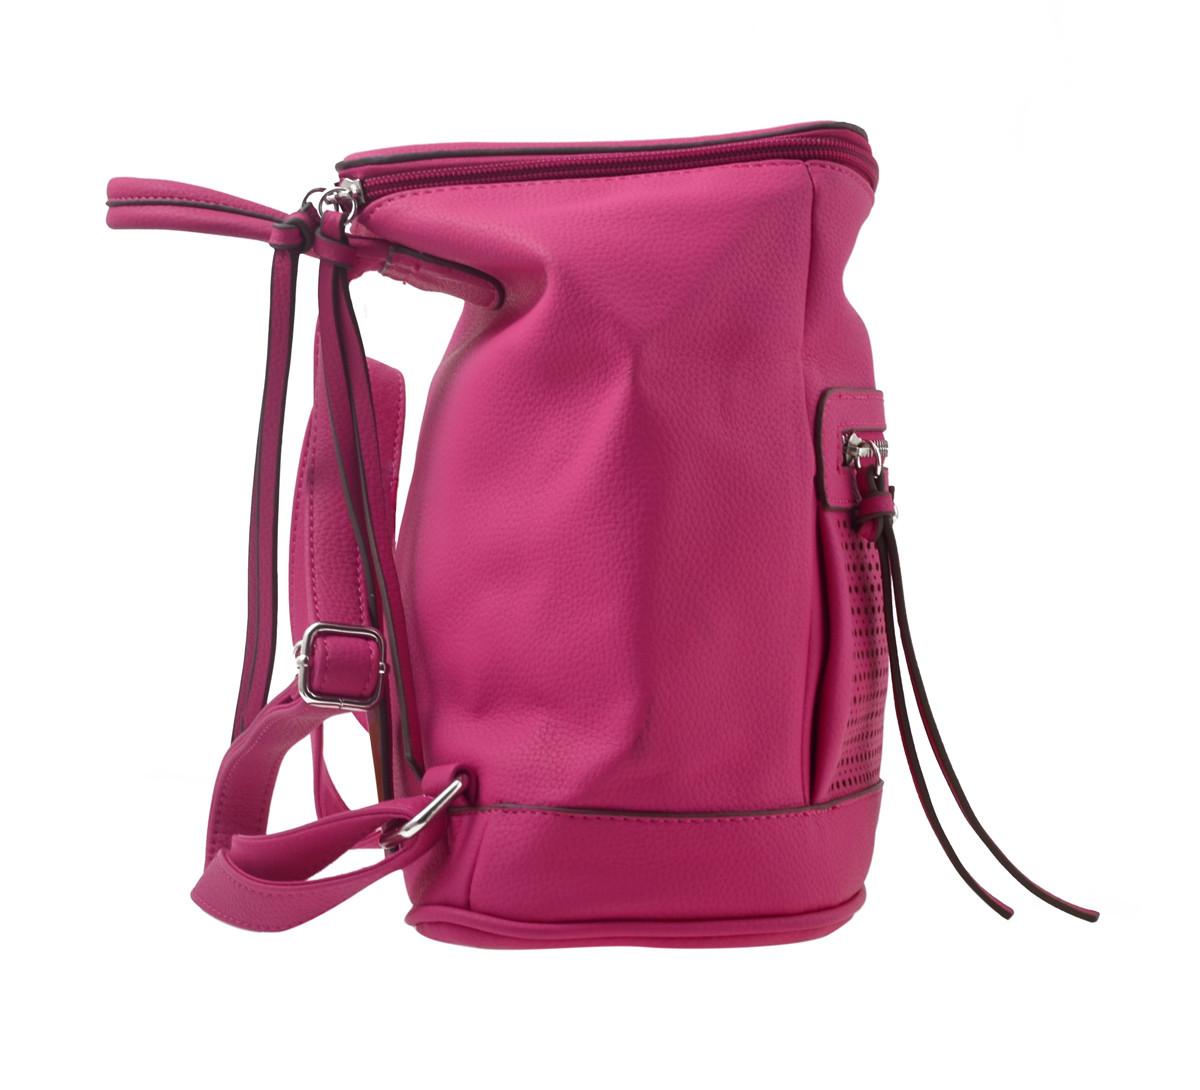 Сумка-рюкзак  YES, рожевий, 26*14*27см